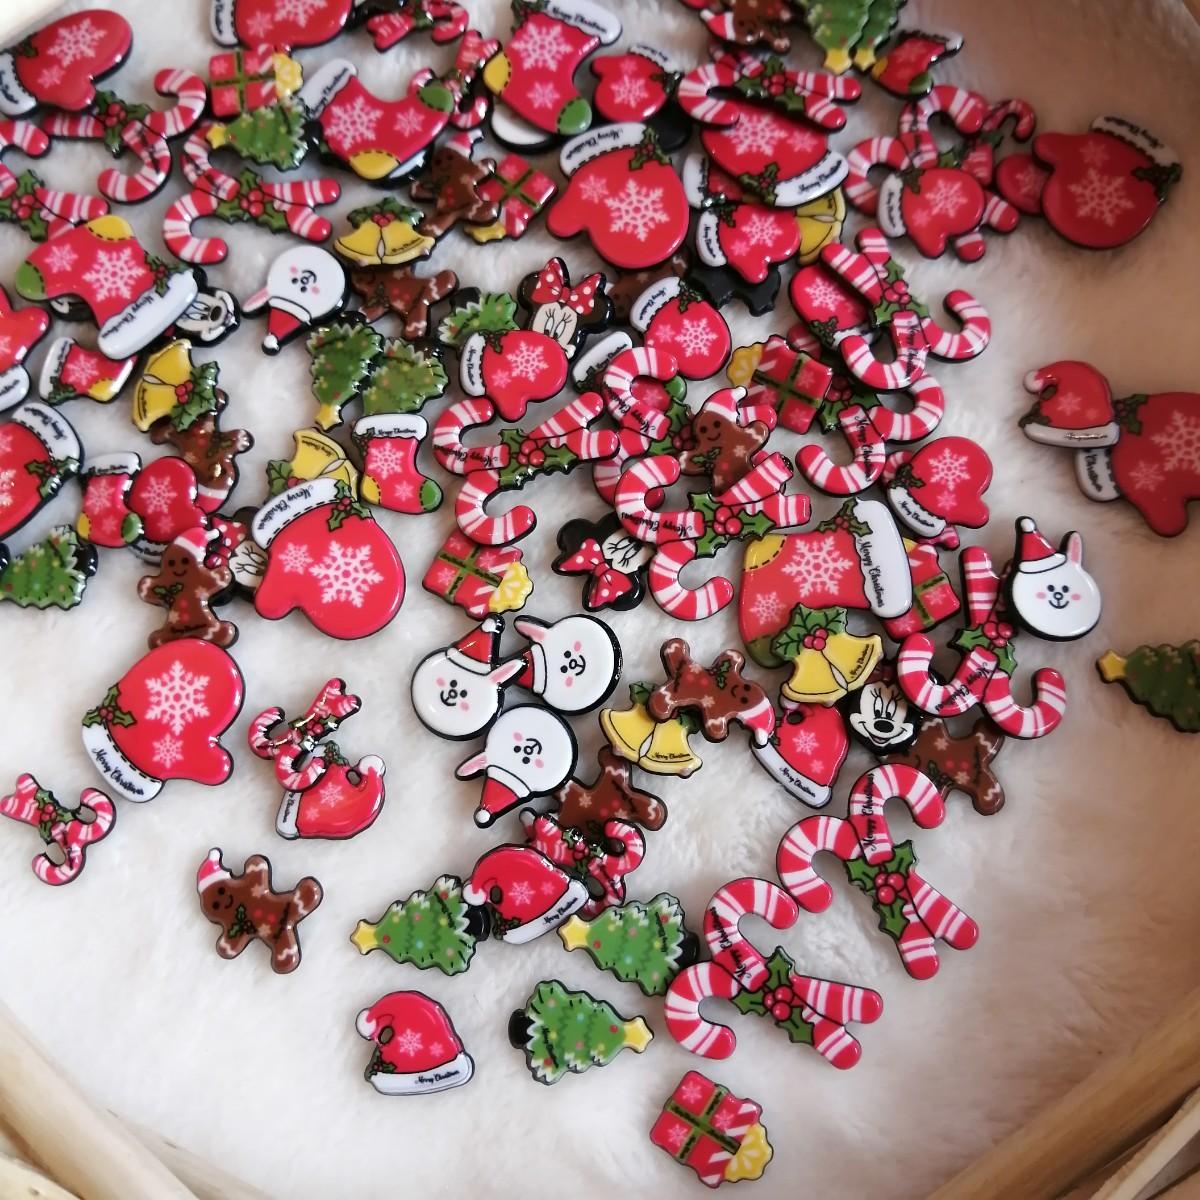 デコパーツ プラパーツ ハンドメイド 手作り 花台 材料 大量 パーツ サンタ